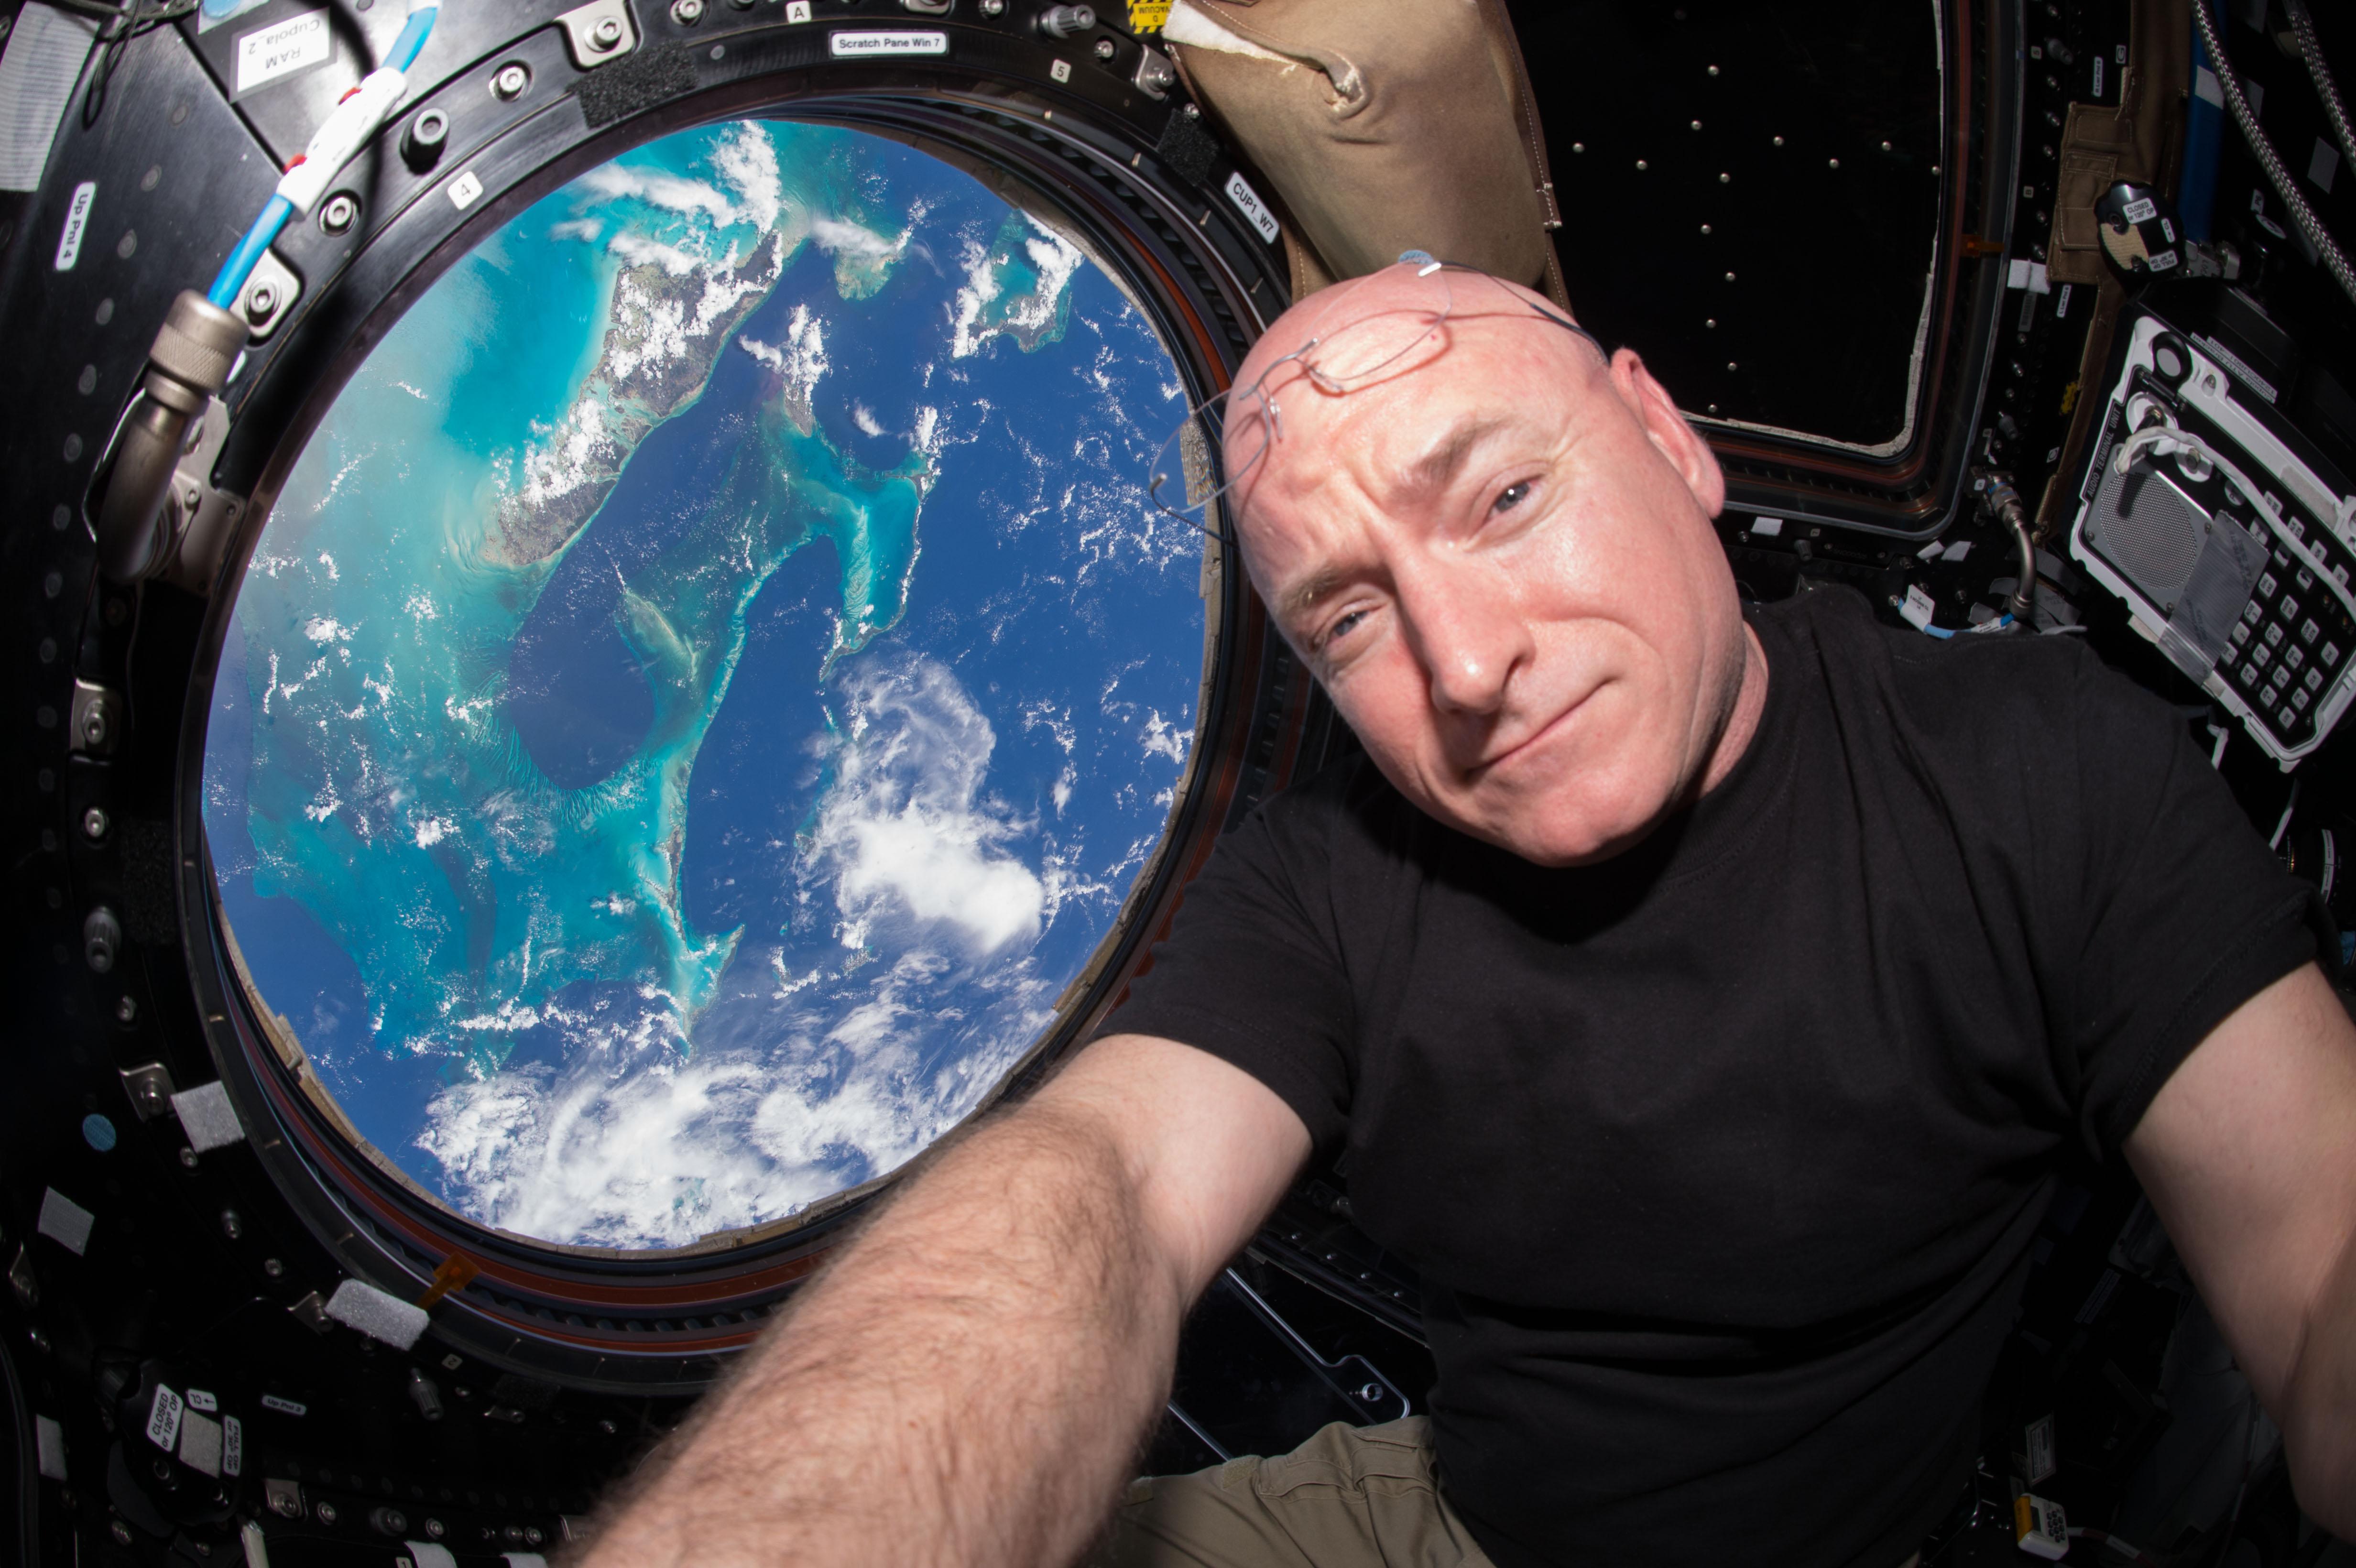 Scott Kelly il 12 luglio 2015 nel modulo chiamato Cupola della Stazione Spaziale Internazionale ISS). La foto è stata scattata durante la Expedition 44, la missione di lunga durata verso la ISS cominciata l'11 giugno 2015. Kelly è uno dei due membri dell'equipaggio che ha passato un intero anno nello spazio. Credit: NASA/Scott Kelly. Licenza: Public Domain.